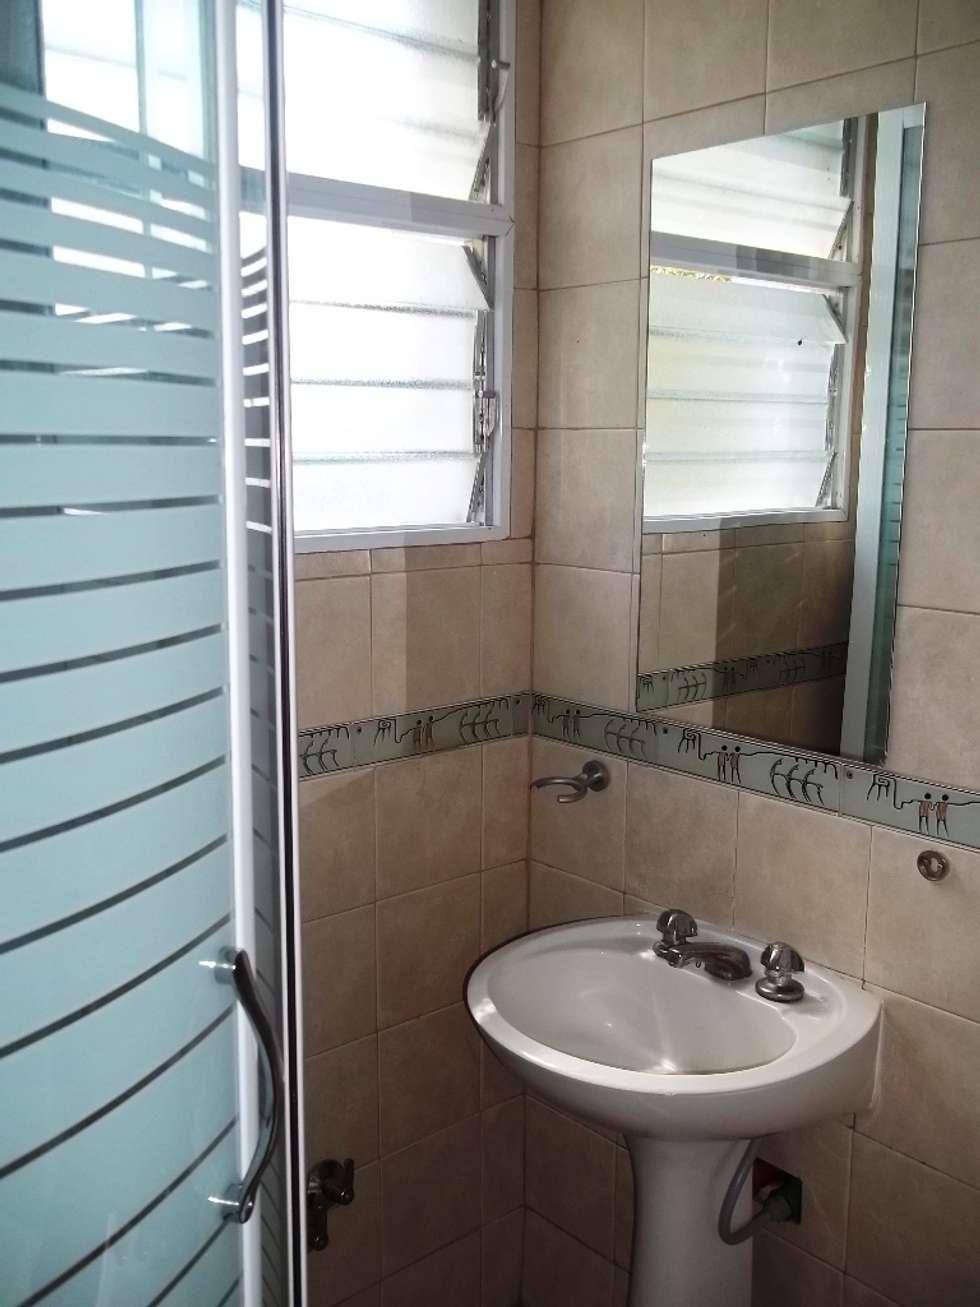 baño: Baños de estilo clásico por Liliana almada Propiedades